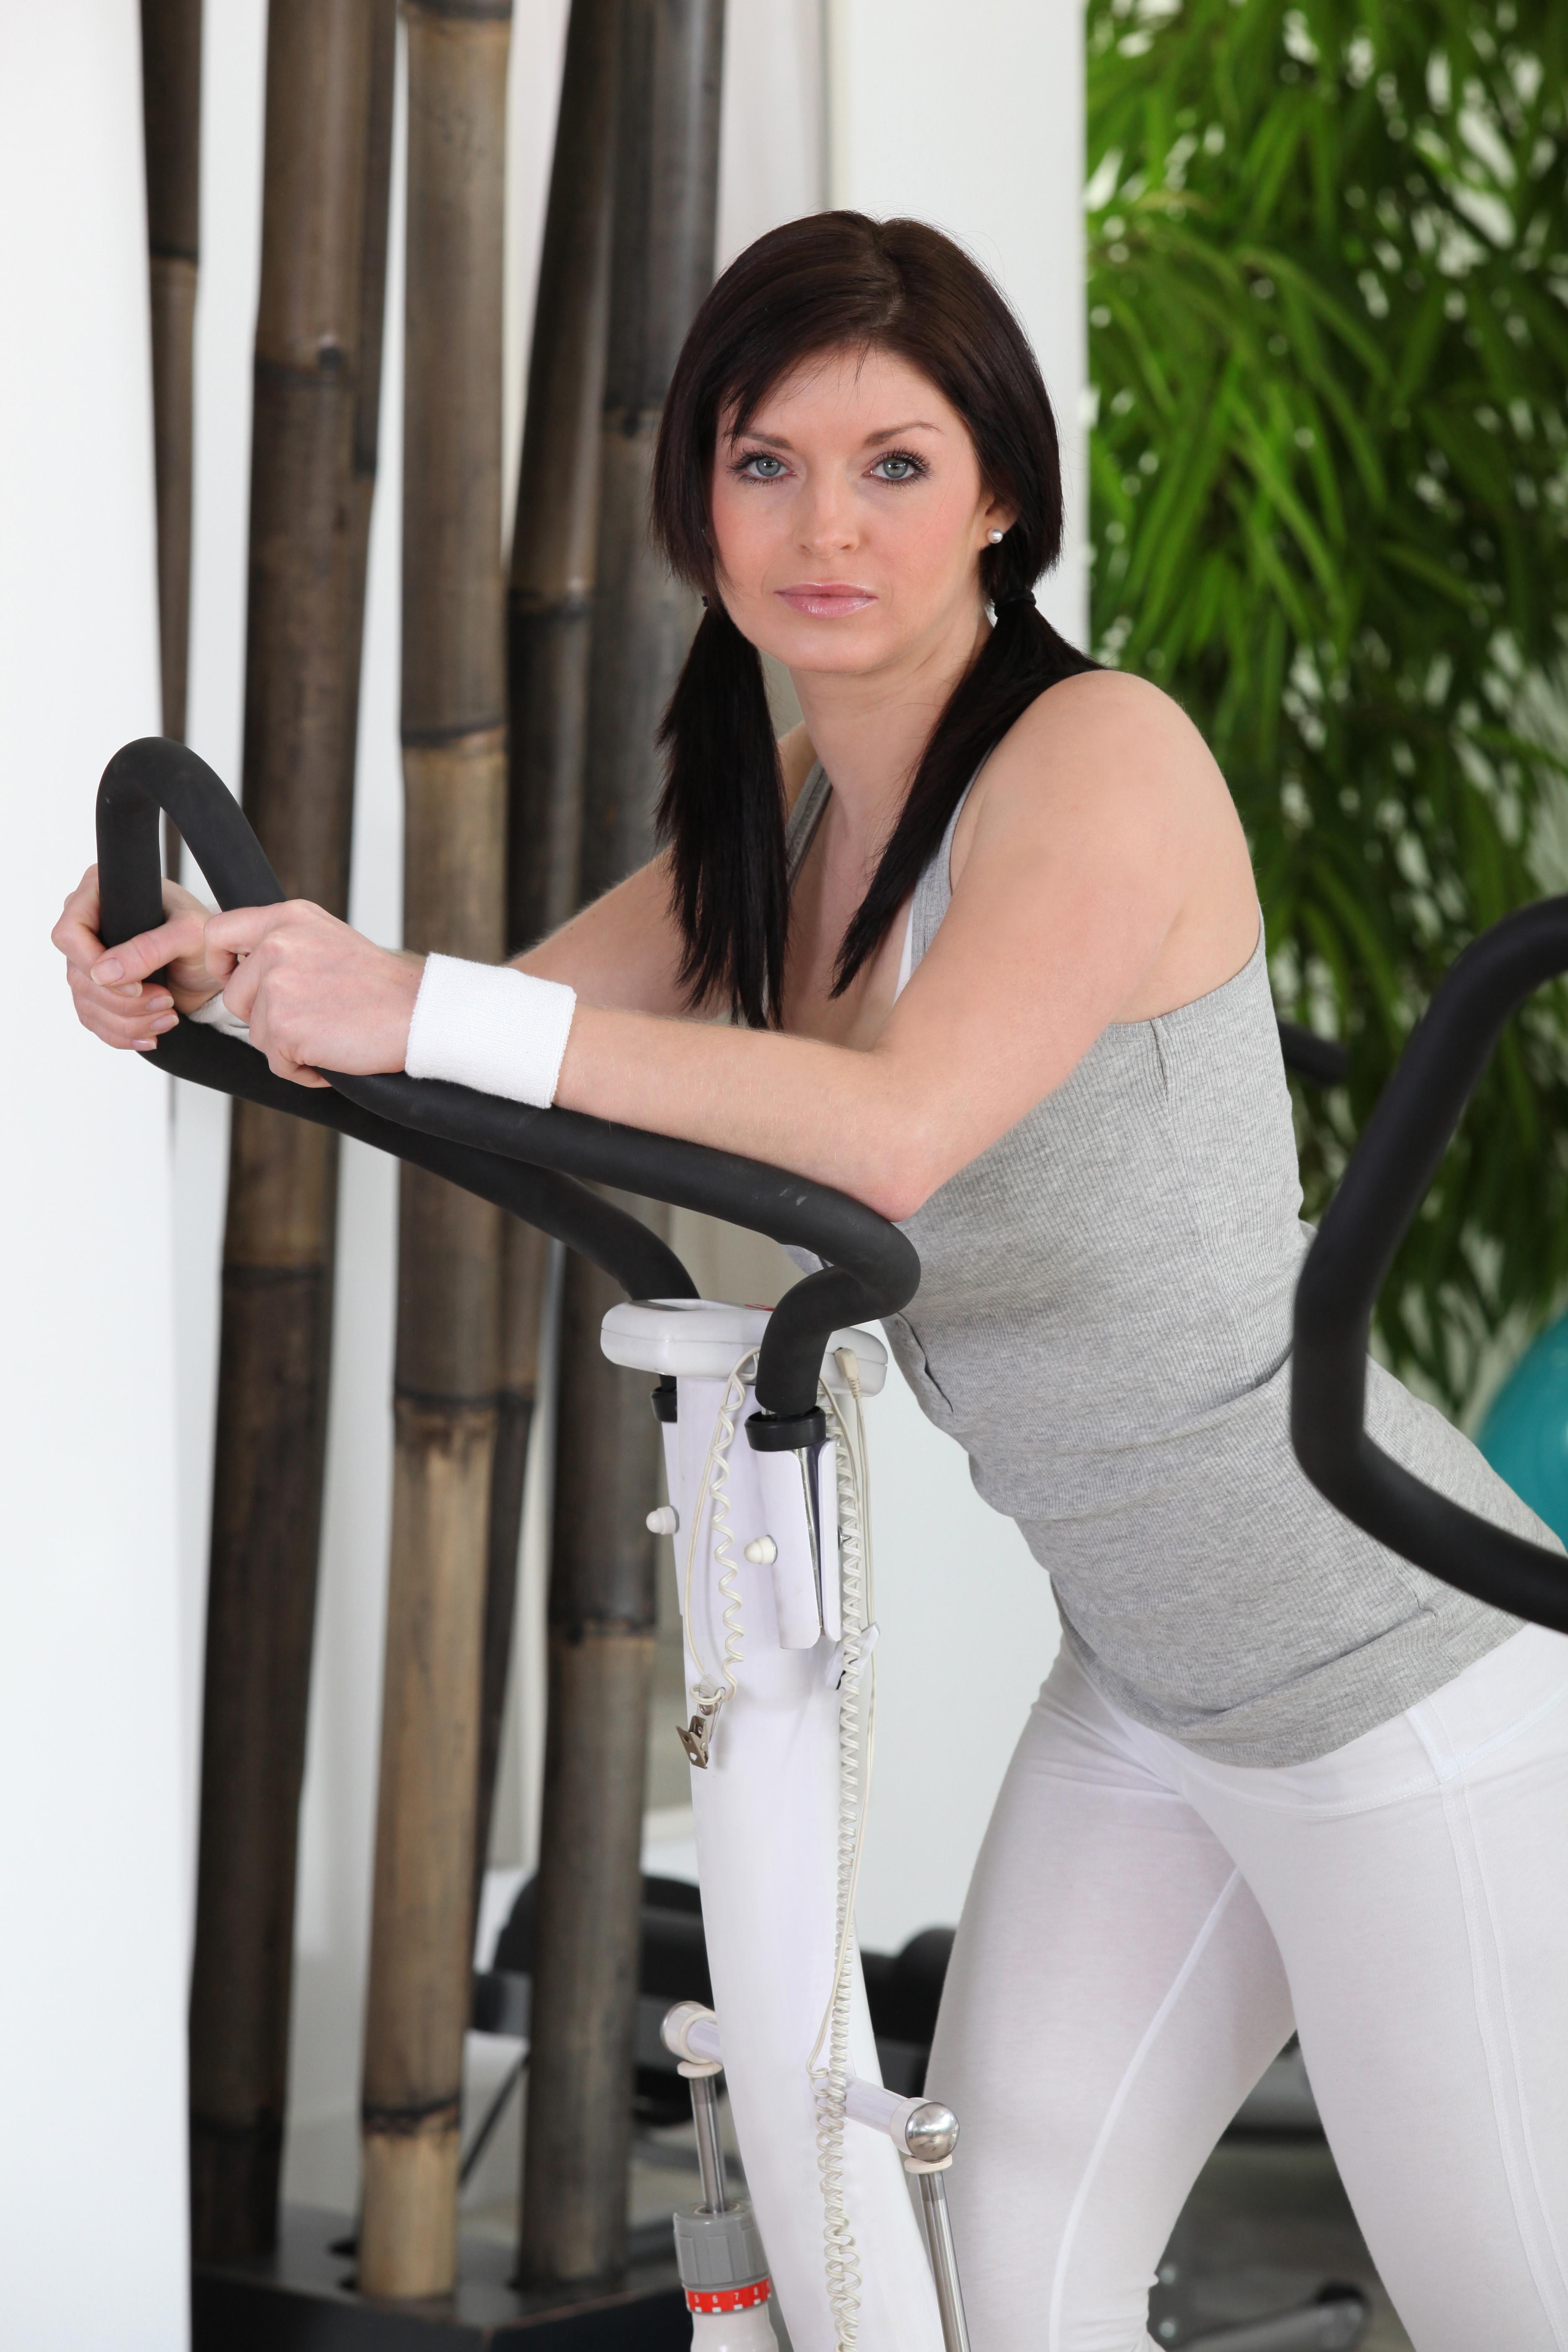 eigengewichtsübungen in verbindung mit cross trainer